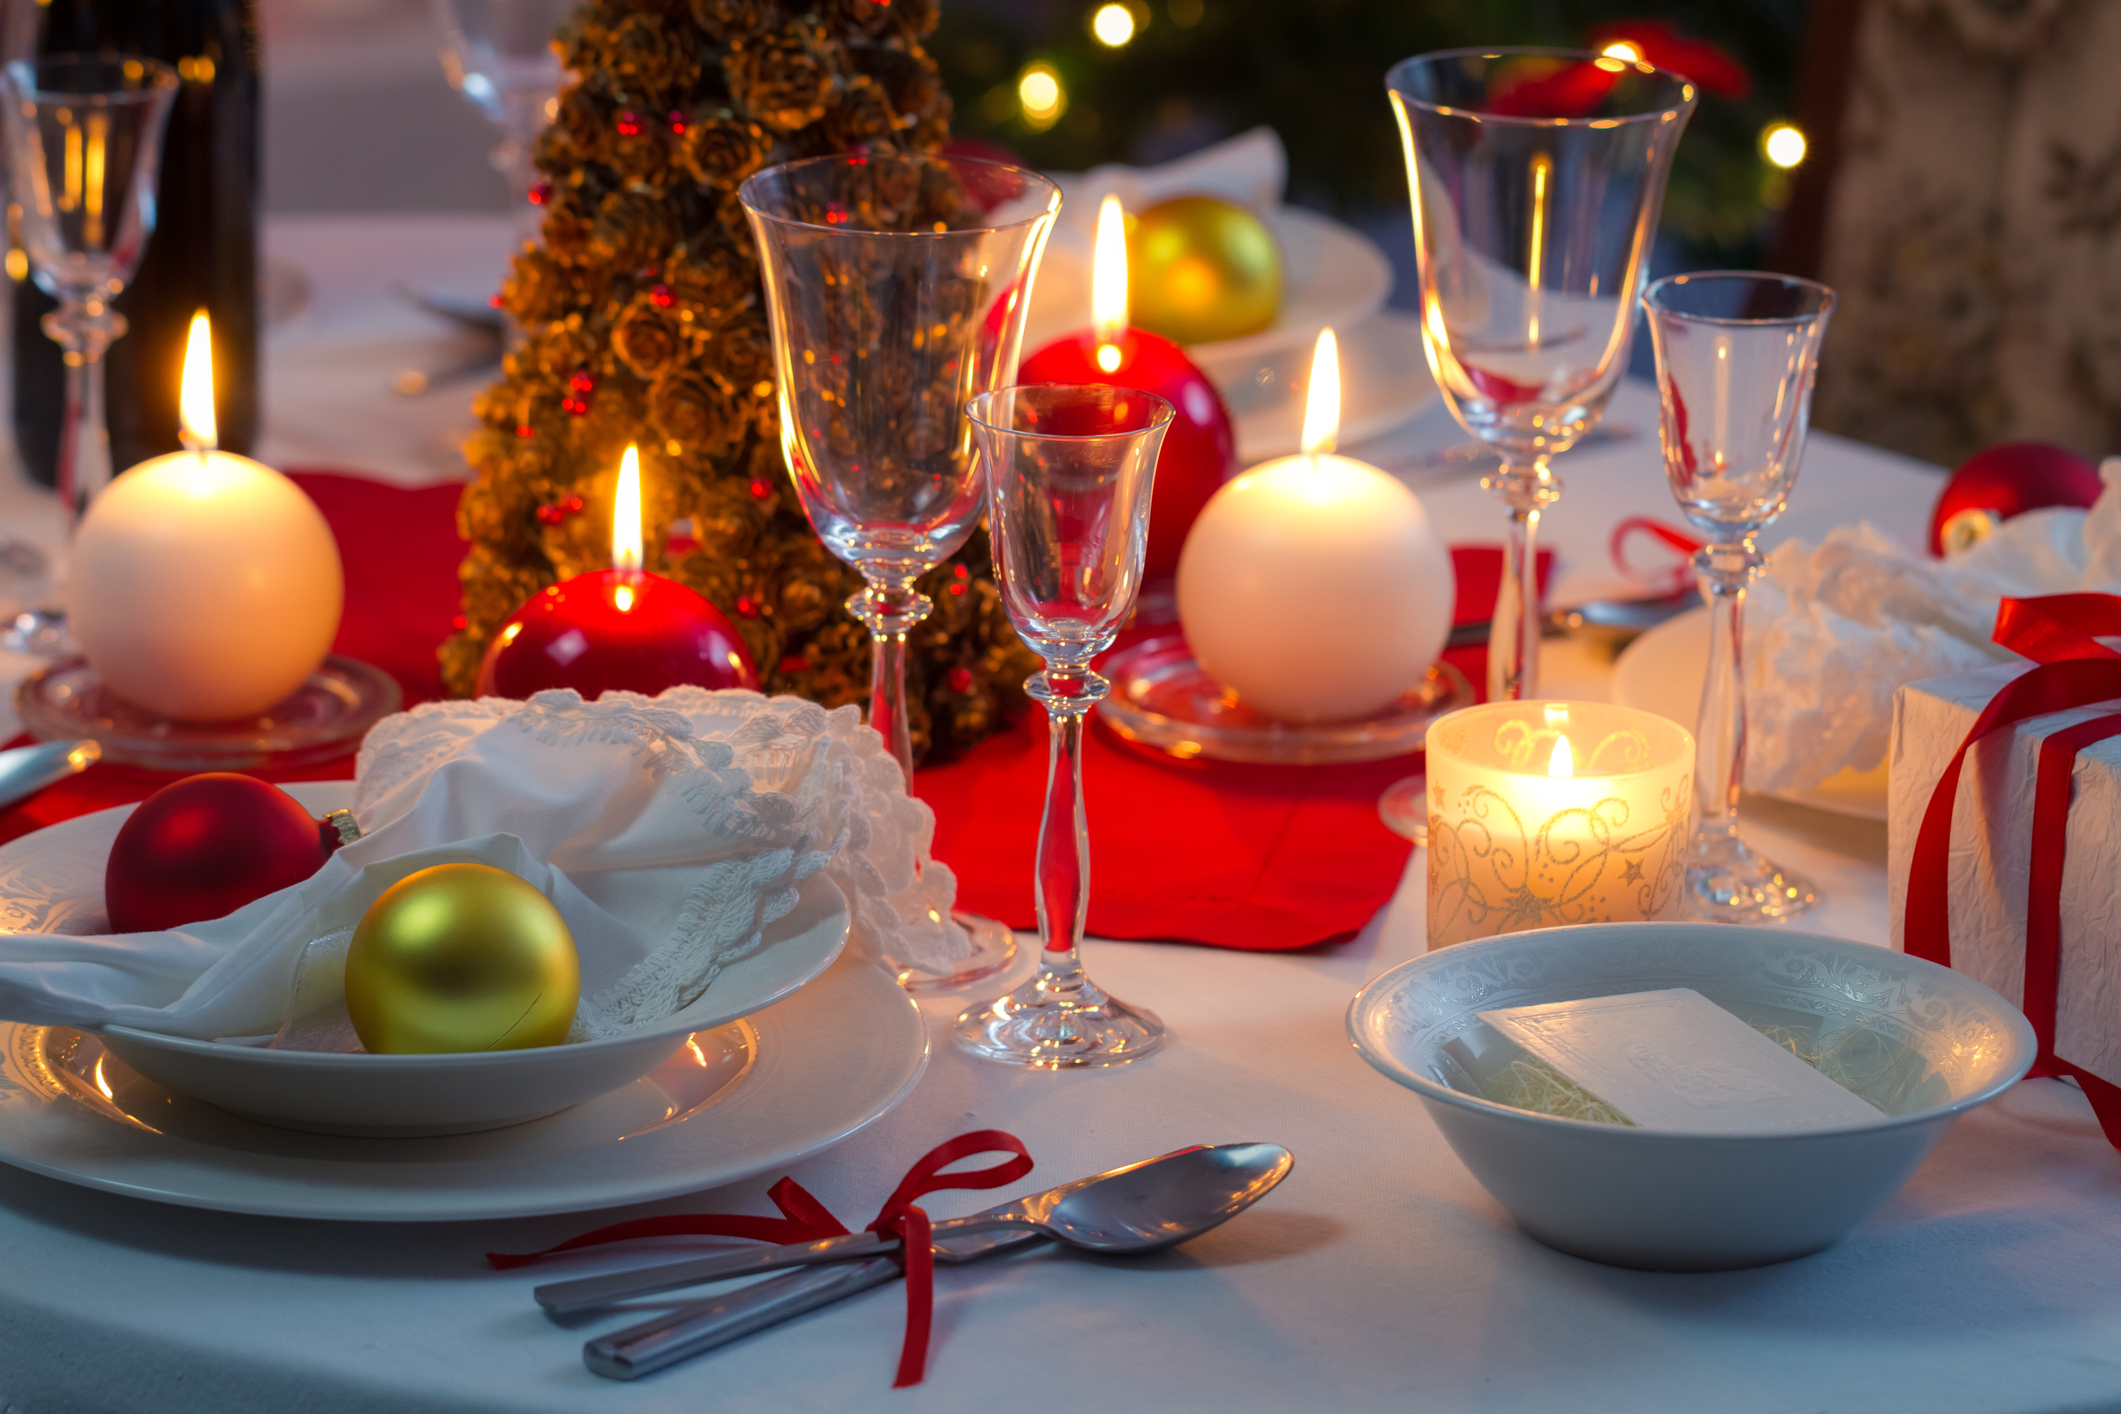 Como decorar a mesa para uma linda noite de Natal | CLAUDIA